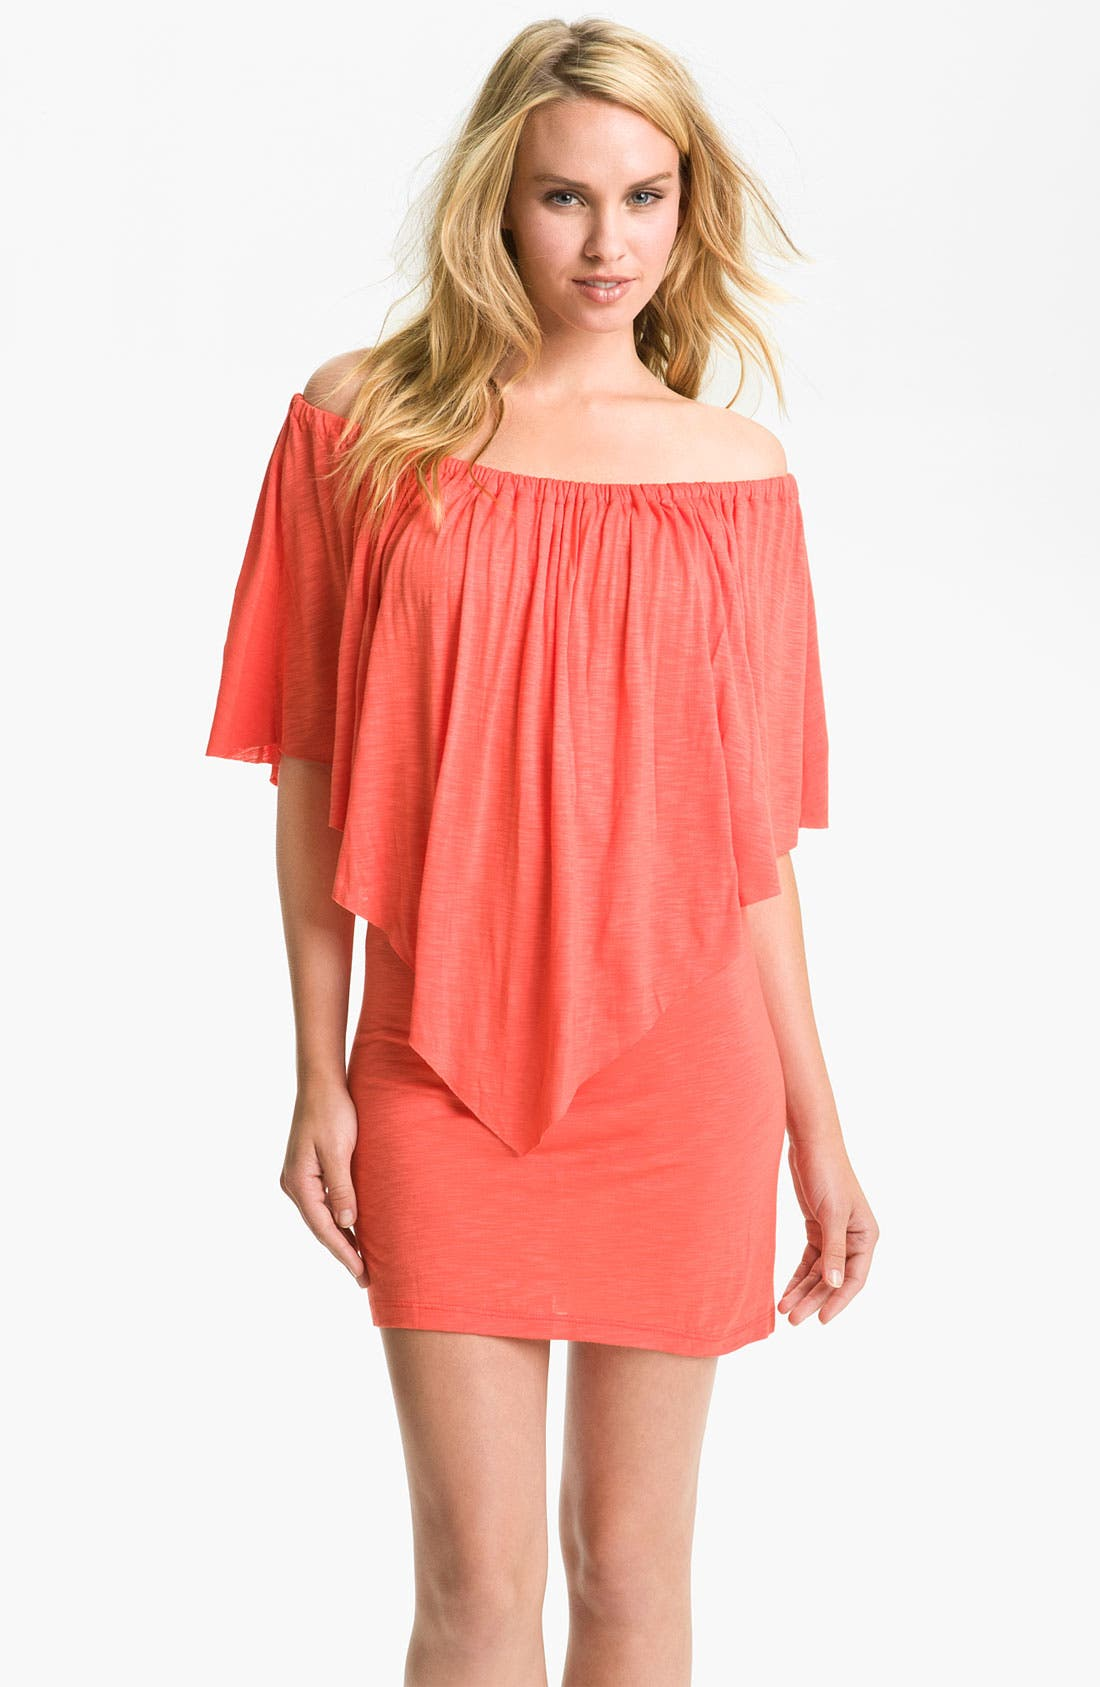 Alternate Image 1 Selected - Elan Off Shoulder Cover-Up Dress